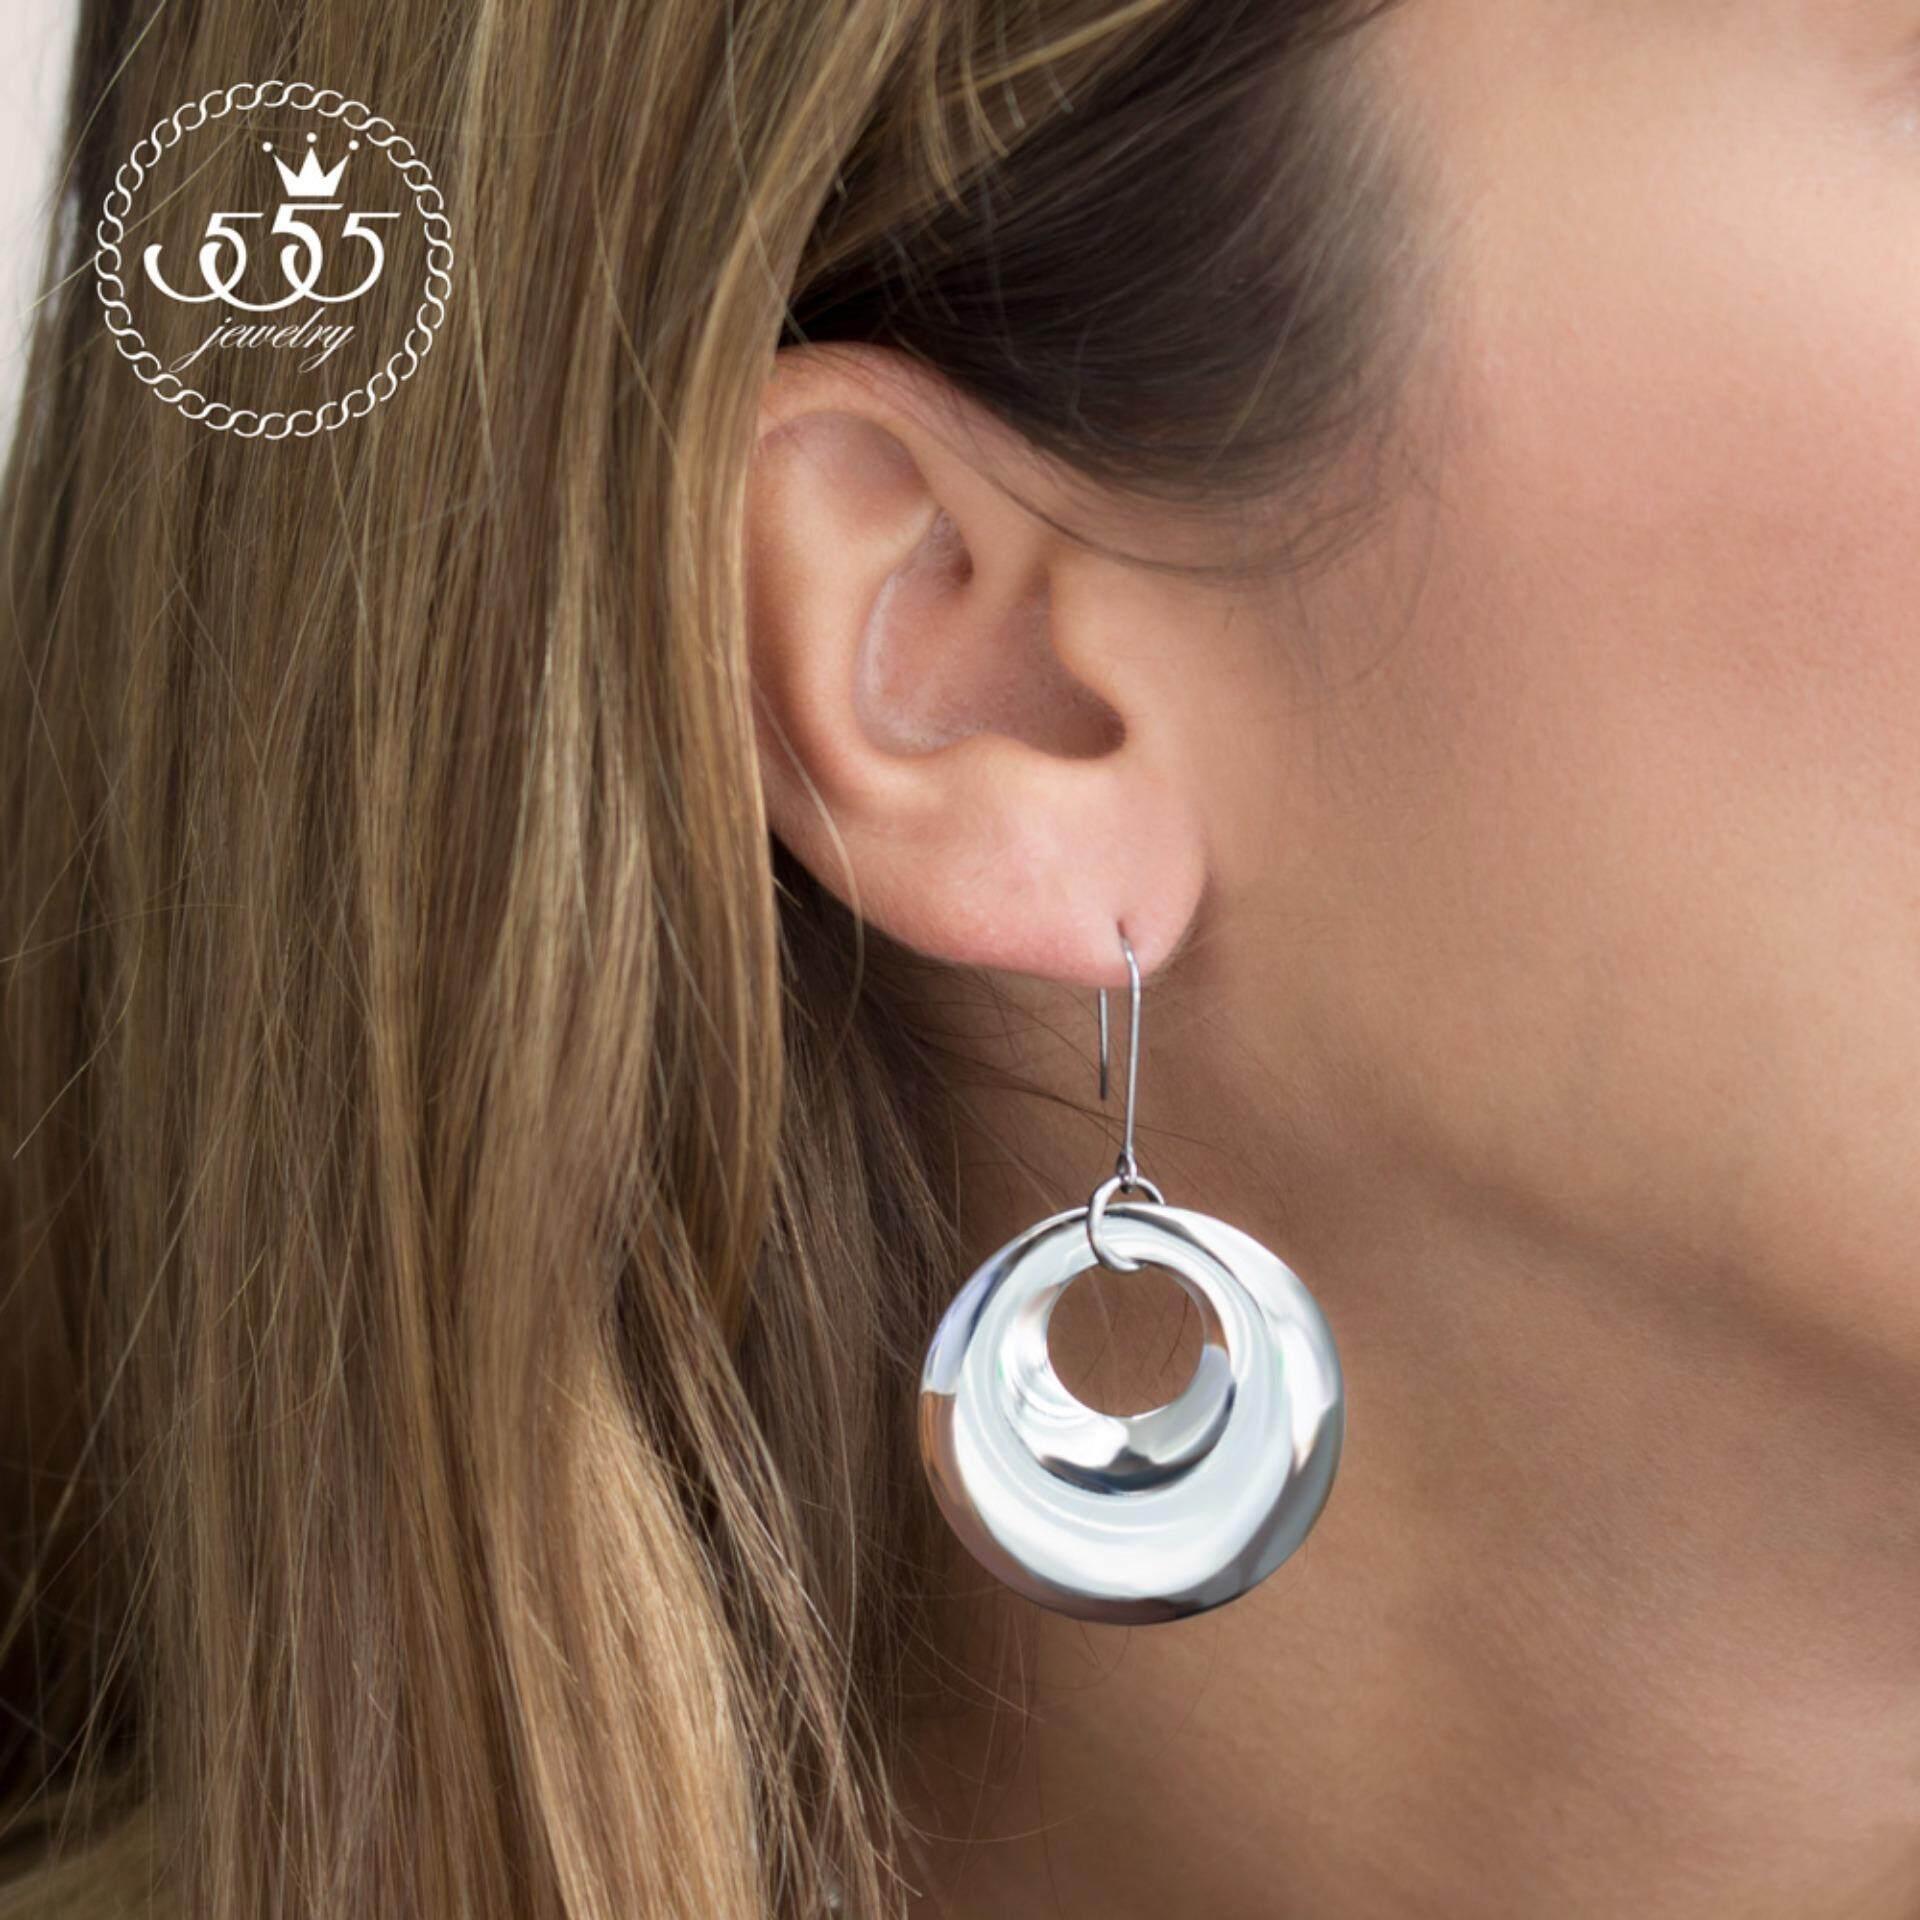 555jewelry ต่างหู สแตนเลสสตีล - แบบห้อยทรงโดนัทผิวปัดเงา (สี - สตีล) รุ่น MNC-ER562-A (ER 25) ต่างหู ต่างหูแฟชั่น ต่างหูหนีบ ต่างหูทอง ต่างหูเงิน ต่างหูผู้หญิง